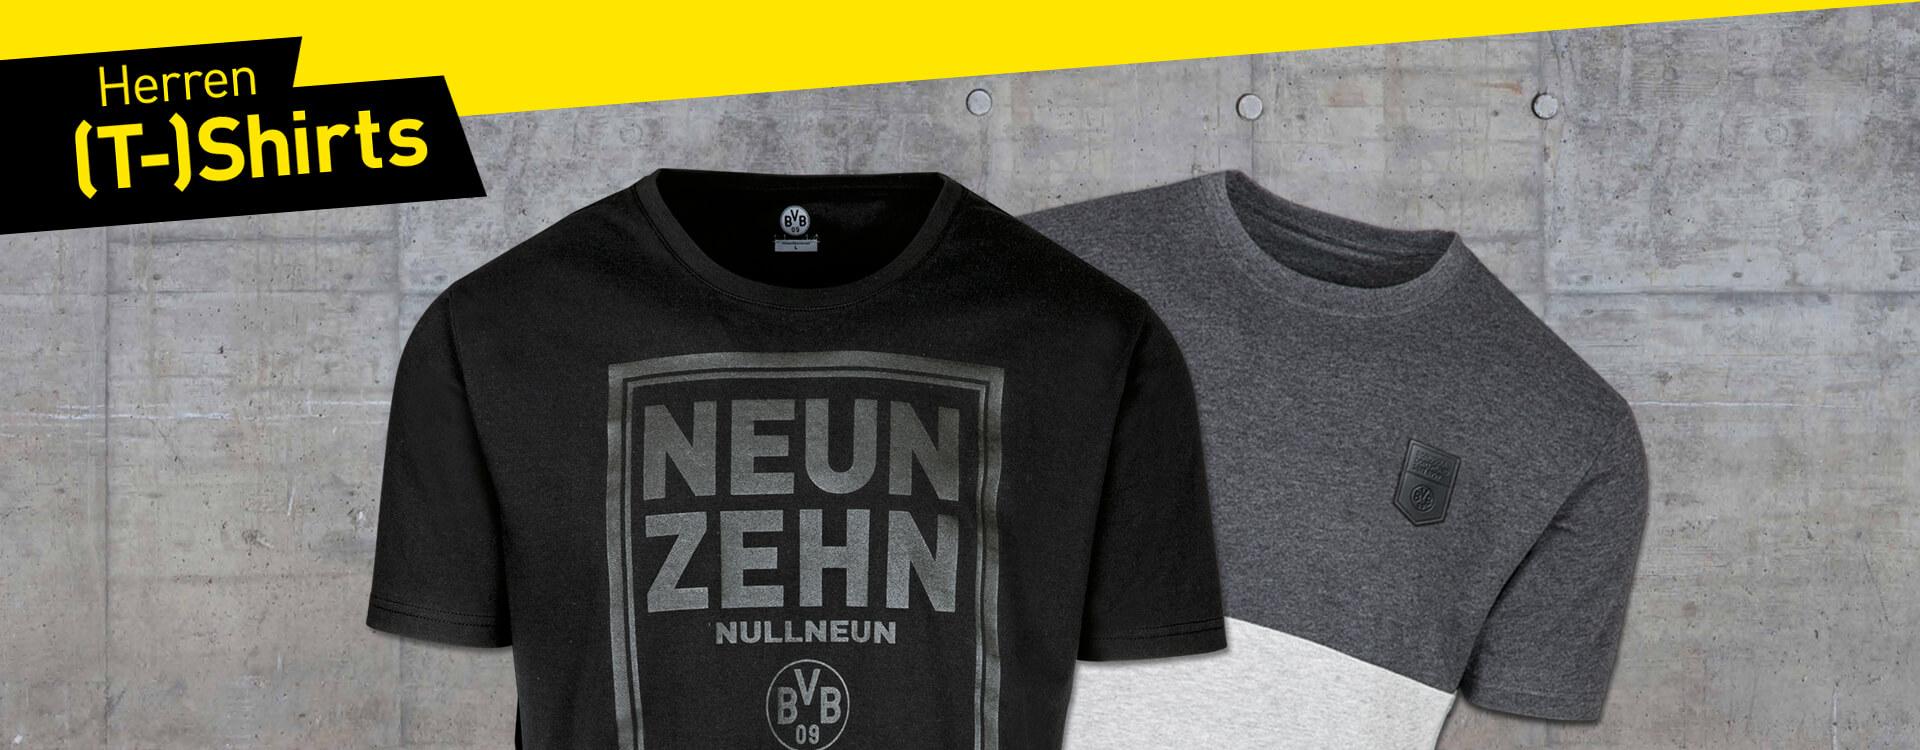 BVB-Shirts für Herren | Offizieller BVB-FanShop | Offizieller BVB ...